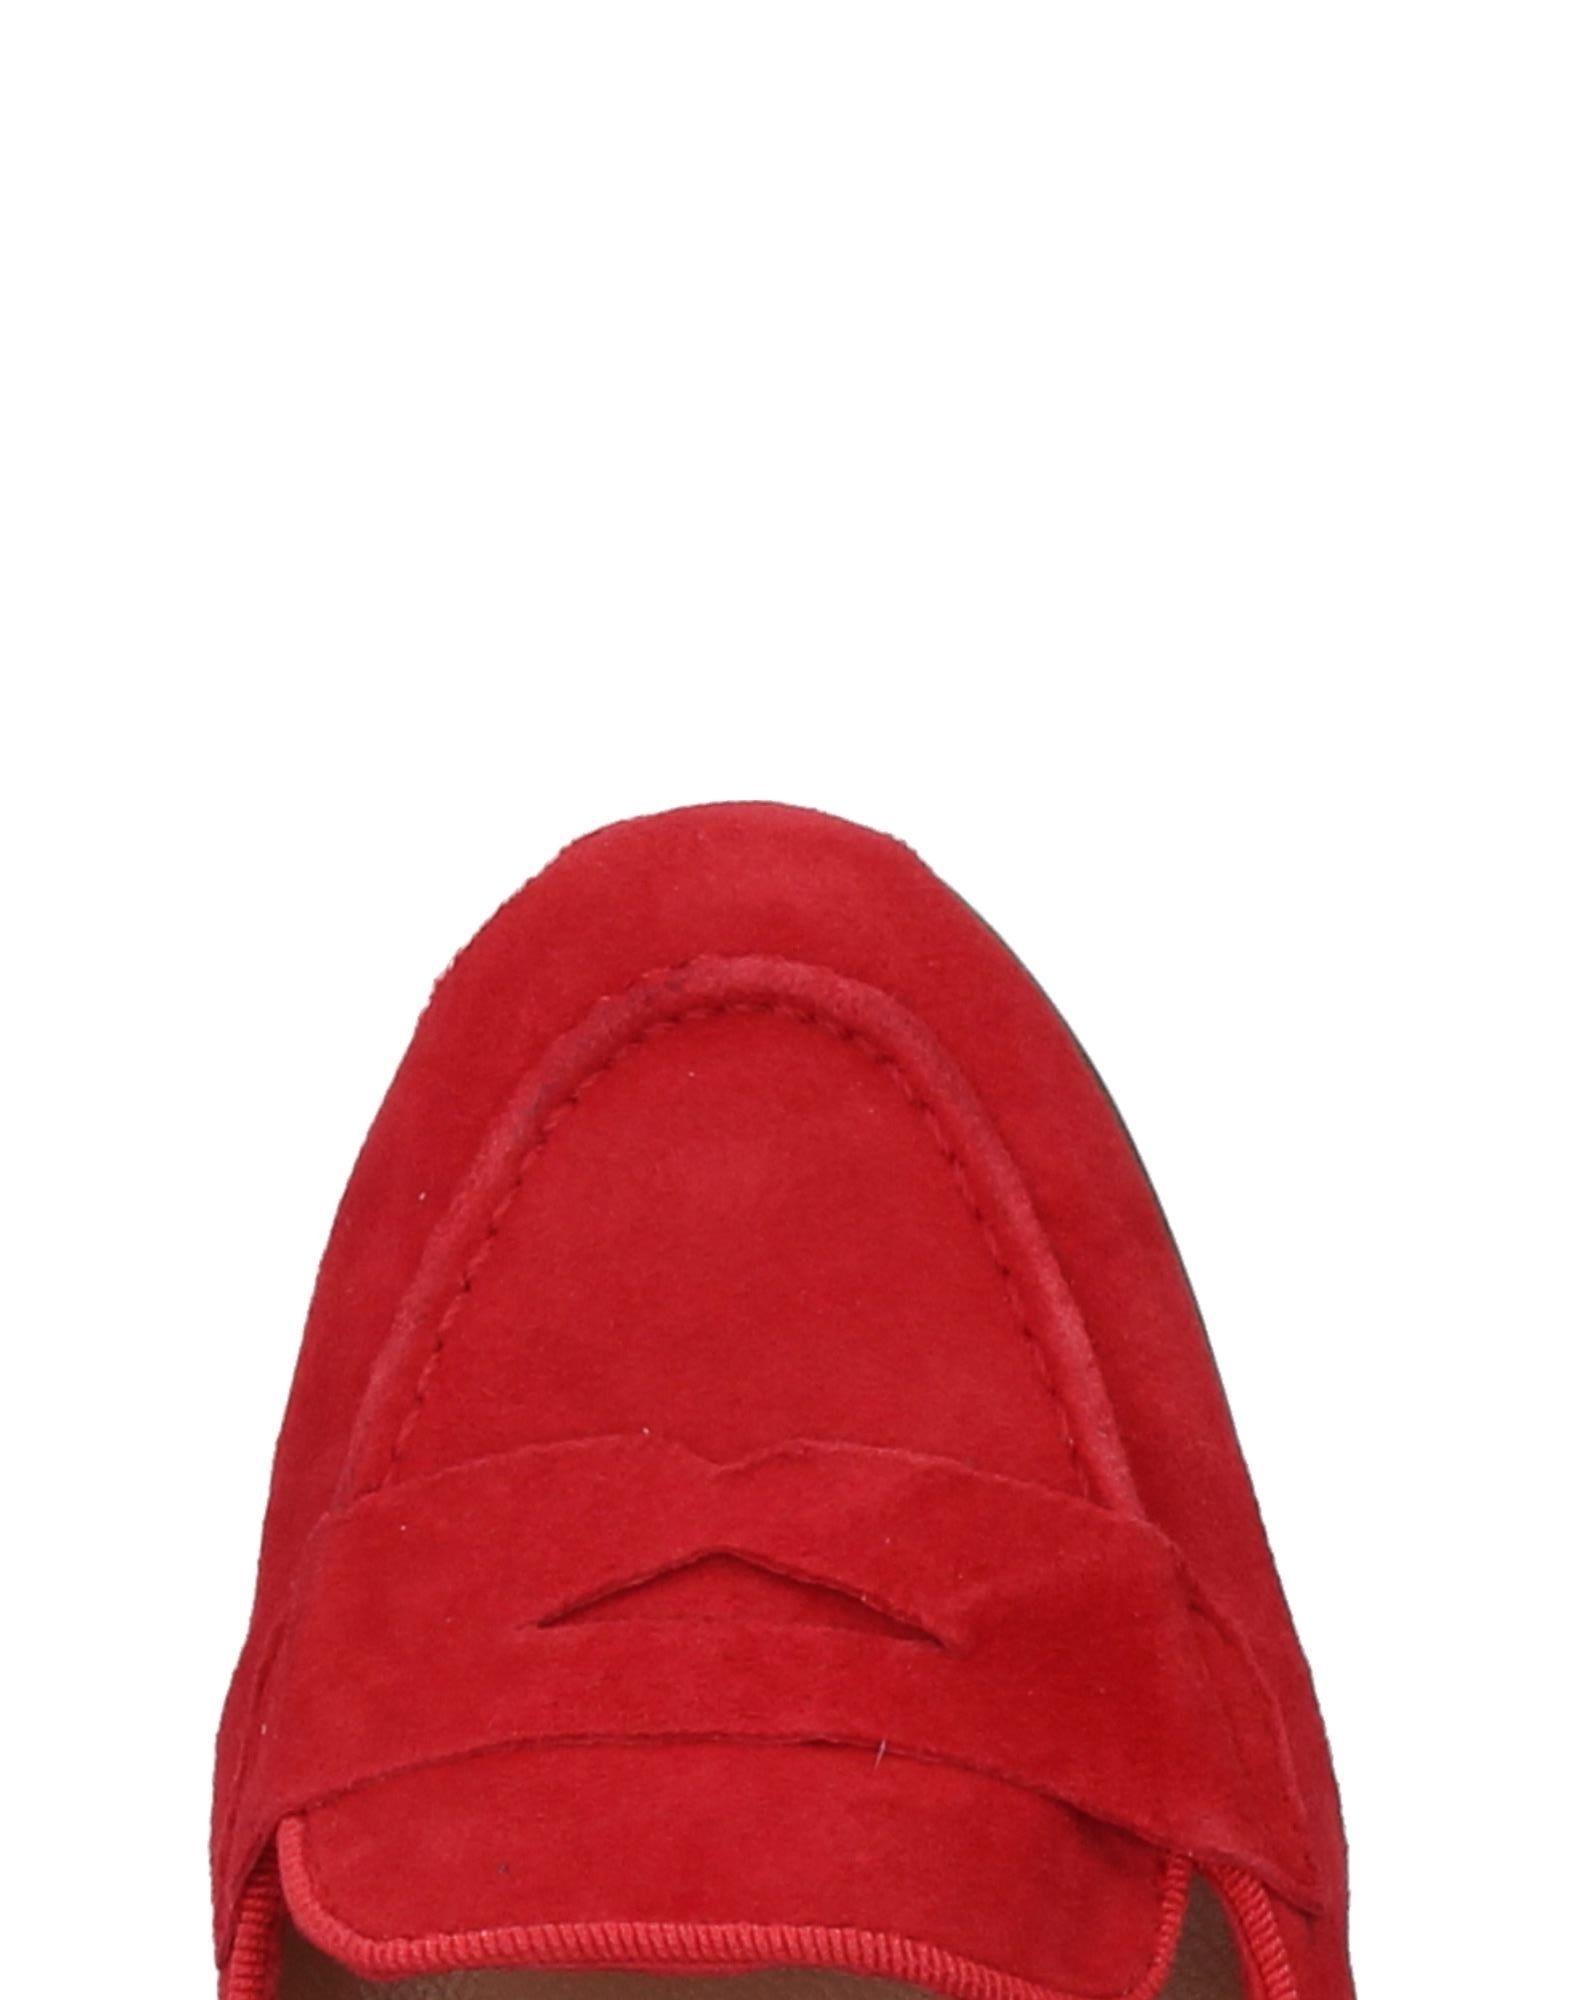 Cantarelli Mokassins Gute Damen  11373688WL Gute Mokassins Qualität beliebte Schuhe b901e4